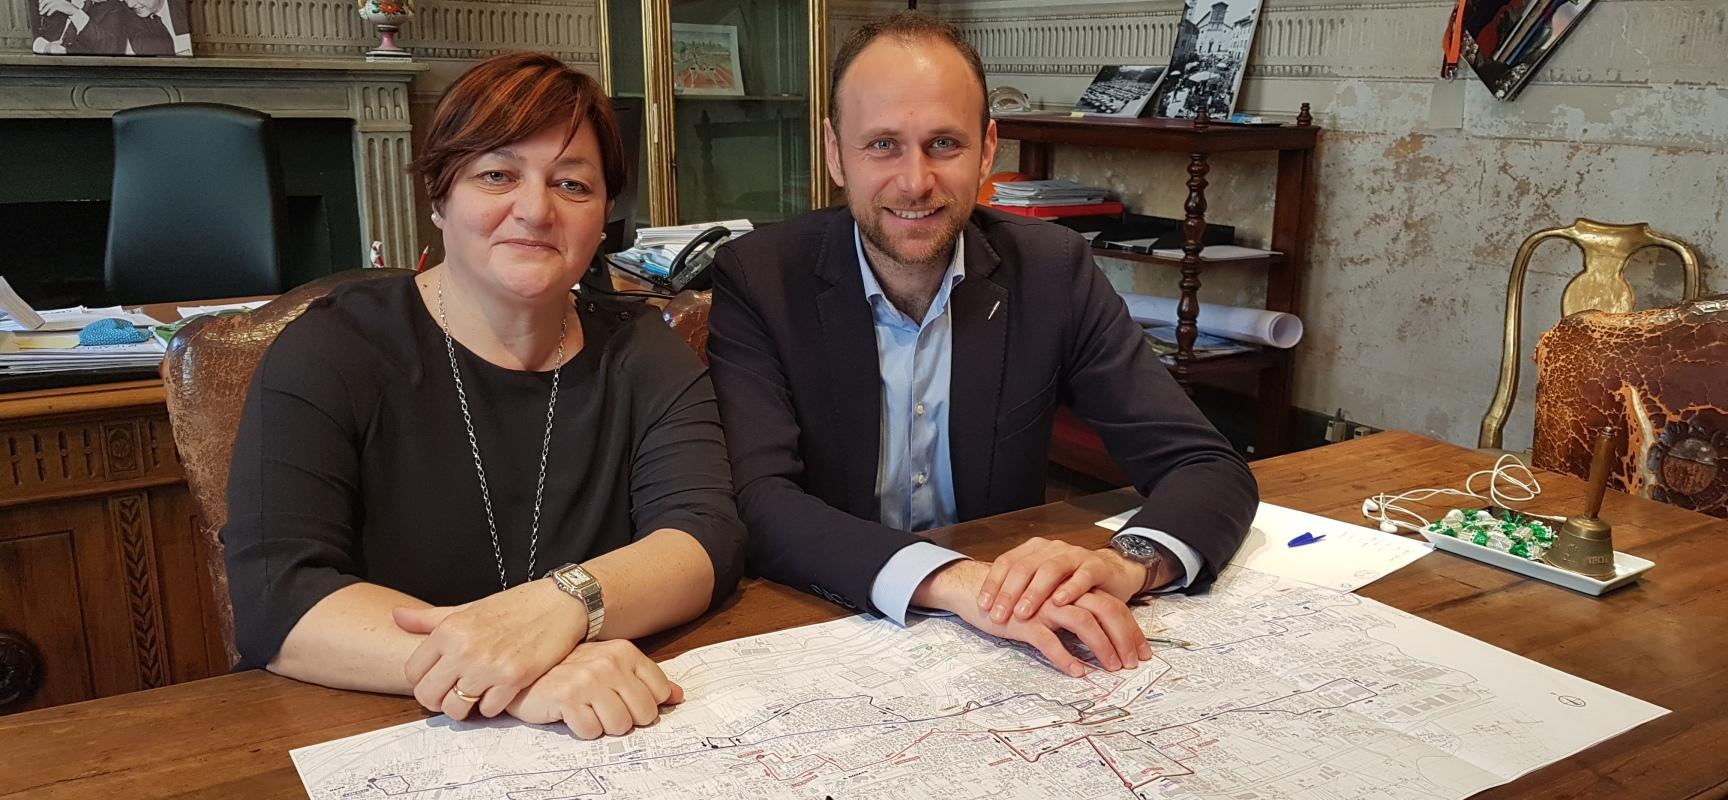 Tpl: da stamani i cittadini del Piaggione possono utilizzare i mezzi pubblici della linea extraurbana corrispondendo la tariffa urbana